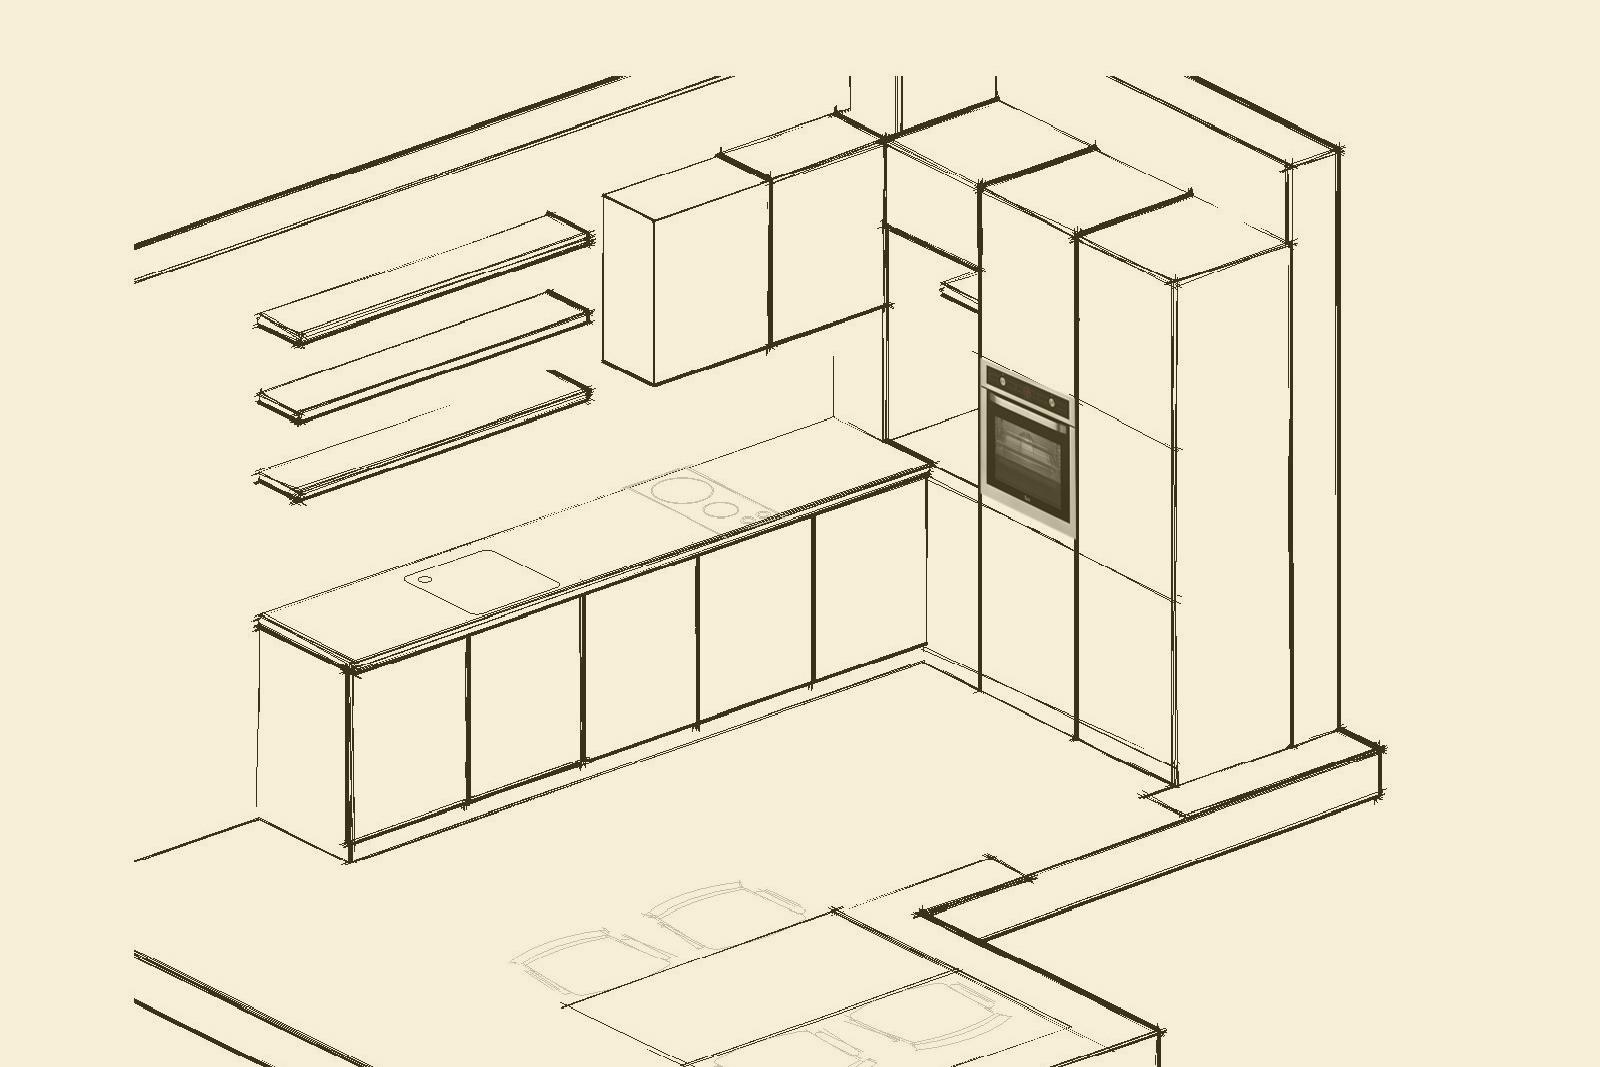 sketch 3 kitchen